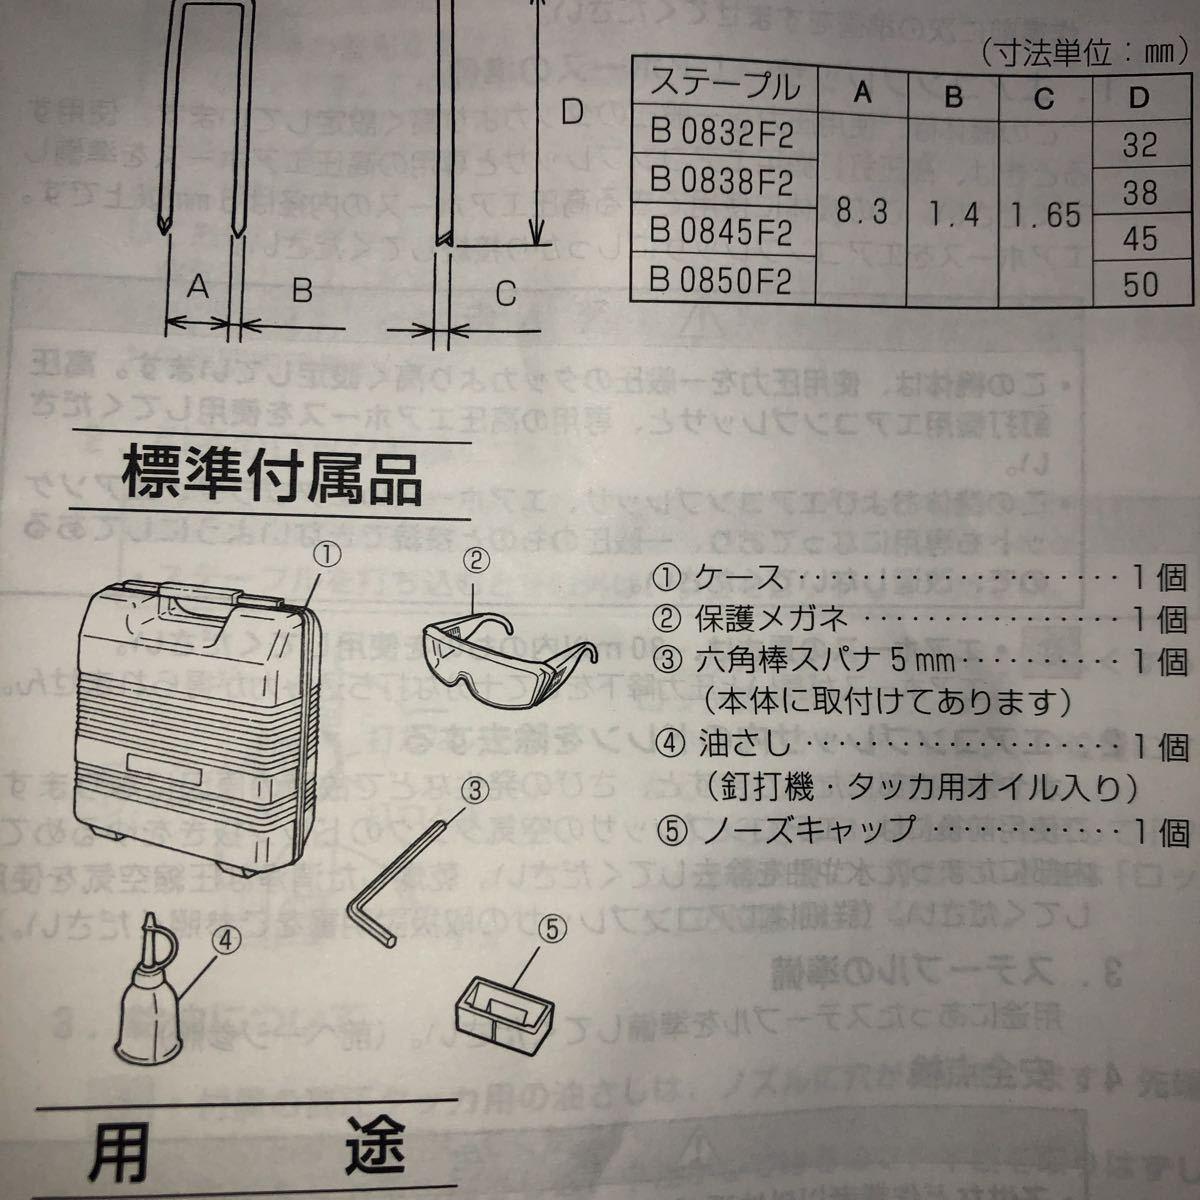 日立高圧フロアタッカ N5008HN 日立工機 HITACHI フロアタッカー タッカー_画像8